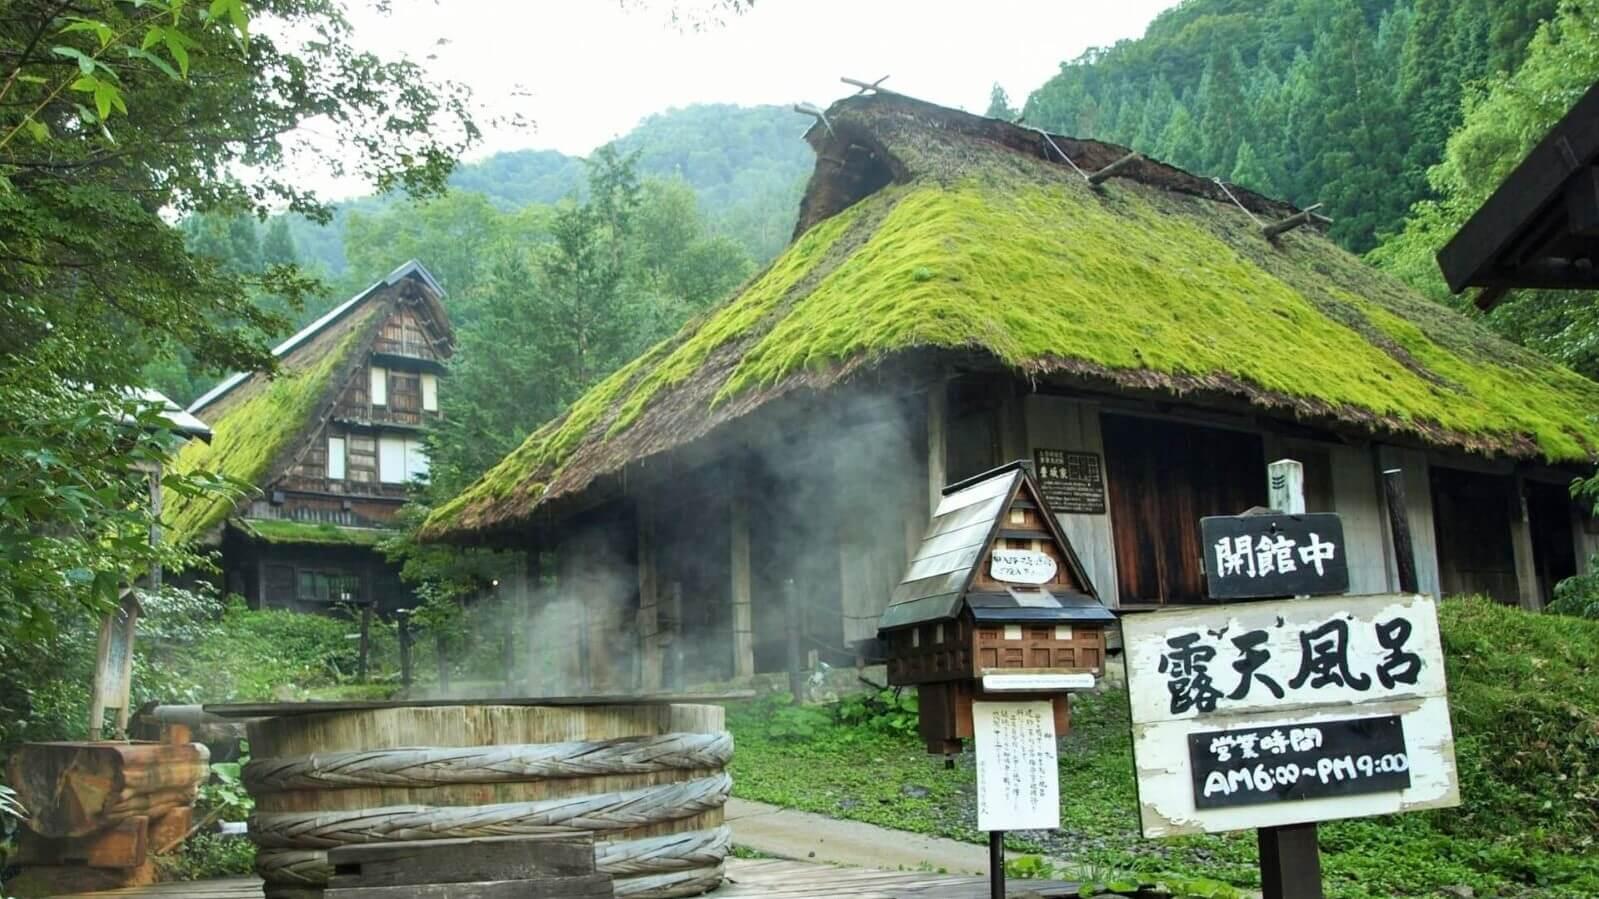 hirayu-onsen-banner-edit